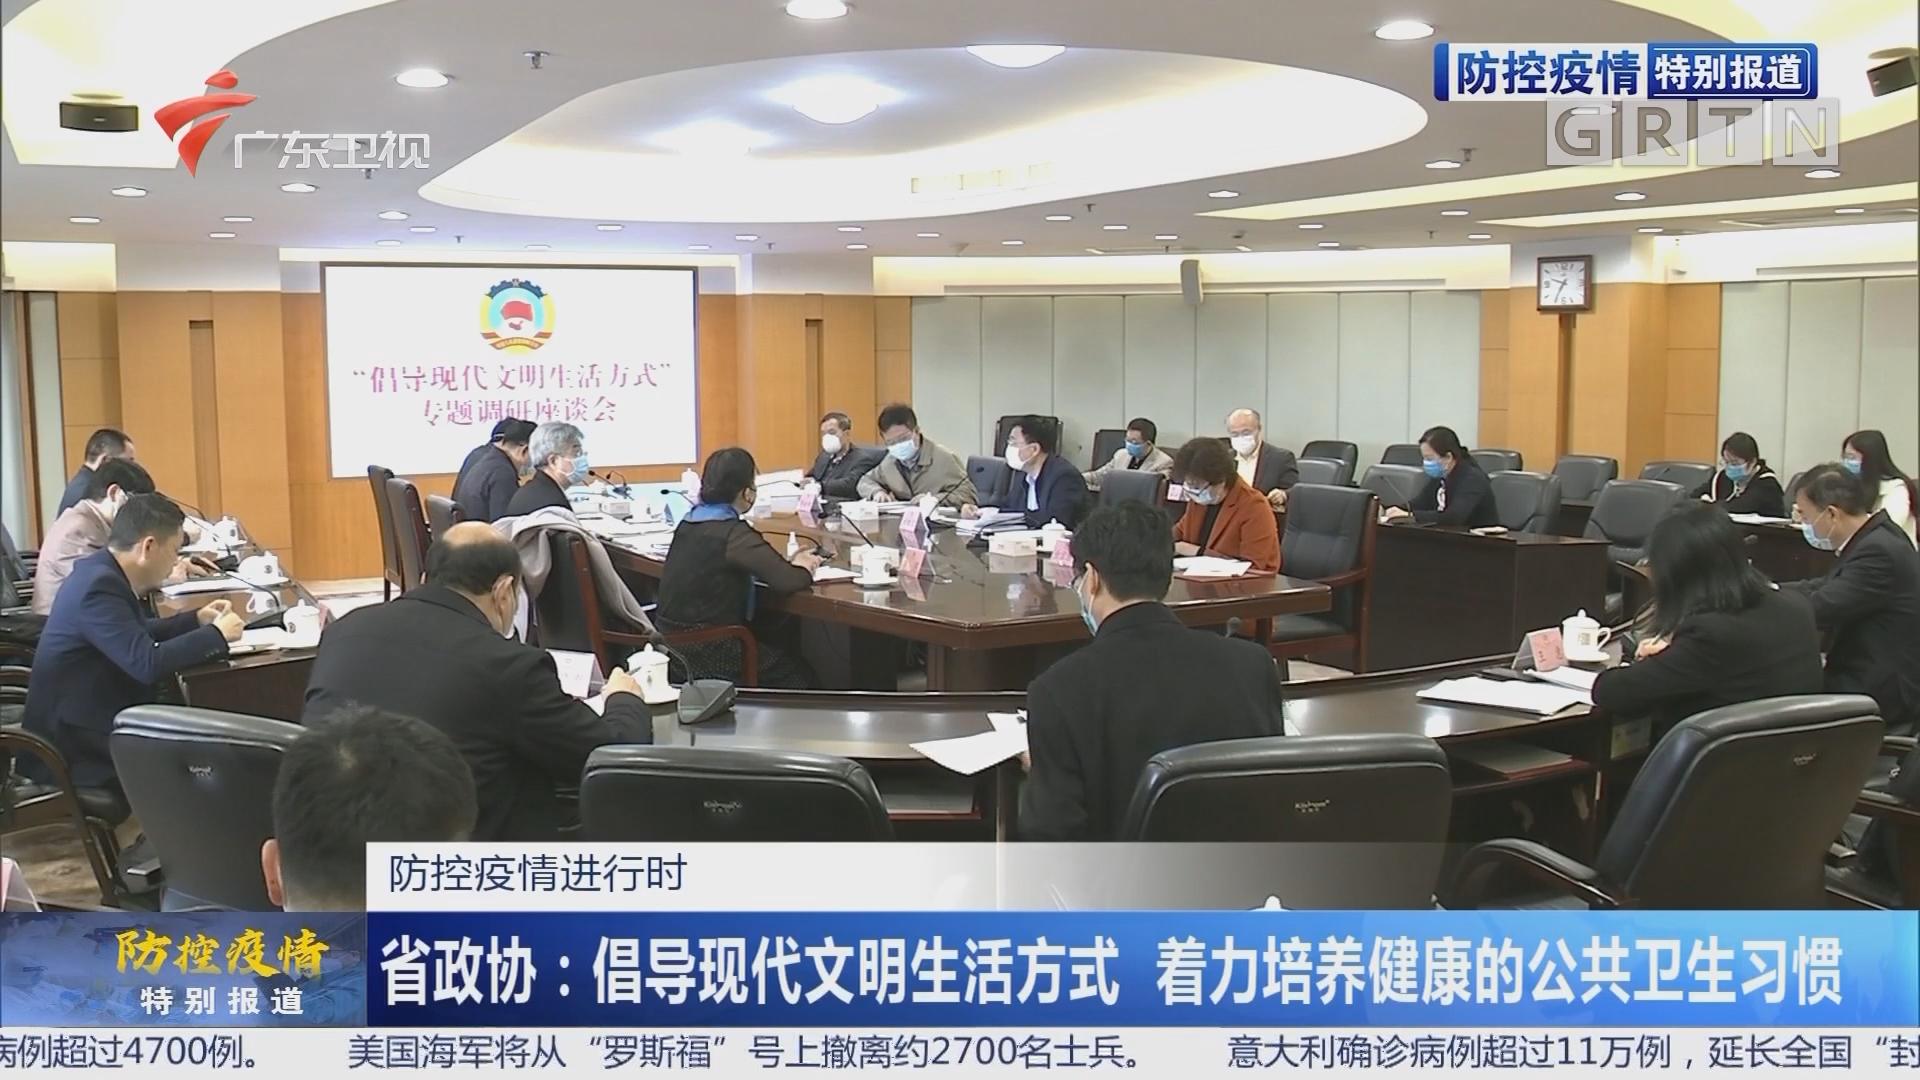 广东:以疫情为契机倡导文明生活方式